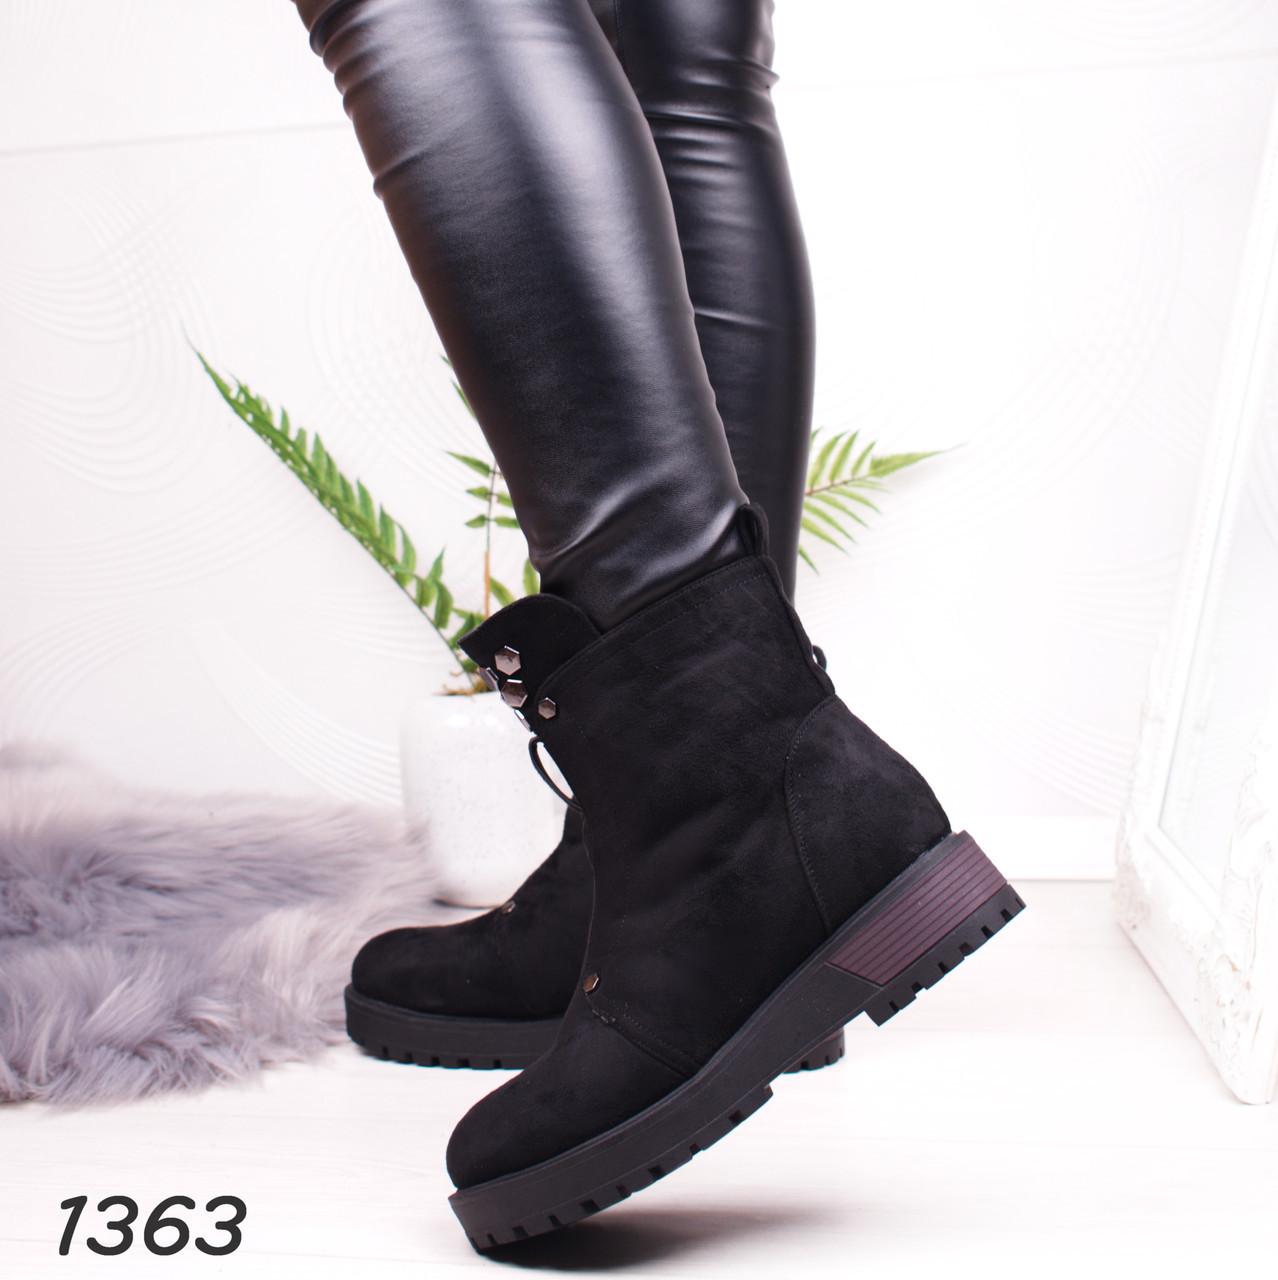 fd659af7 37 р. Ботинки женские зимние черные замшевые на низком ходу, низкий ...